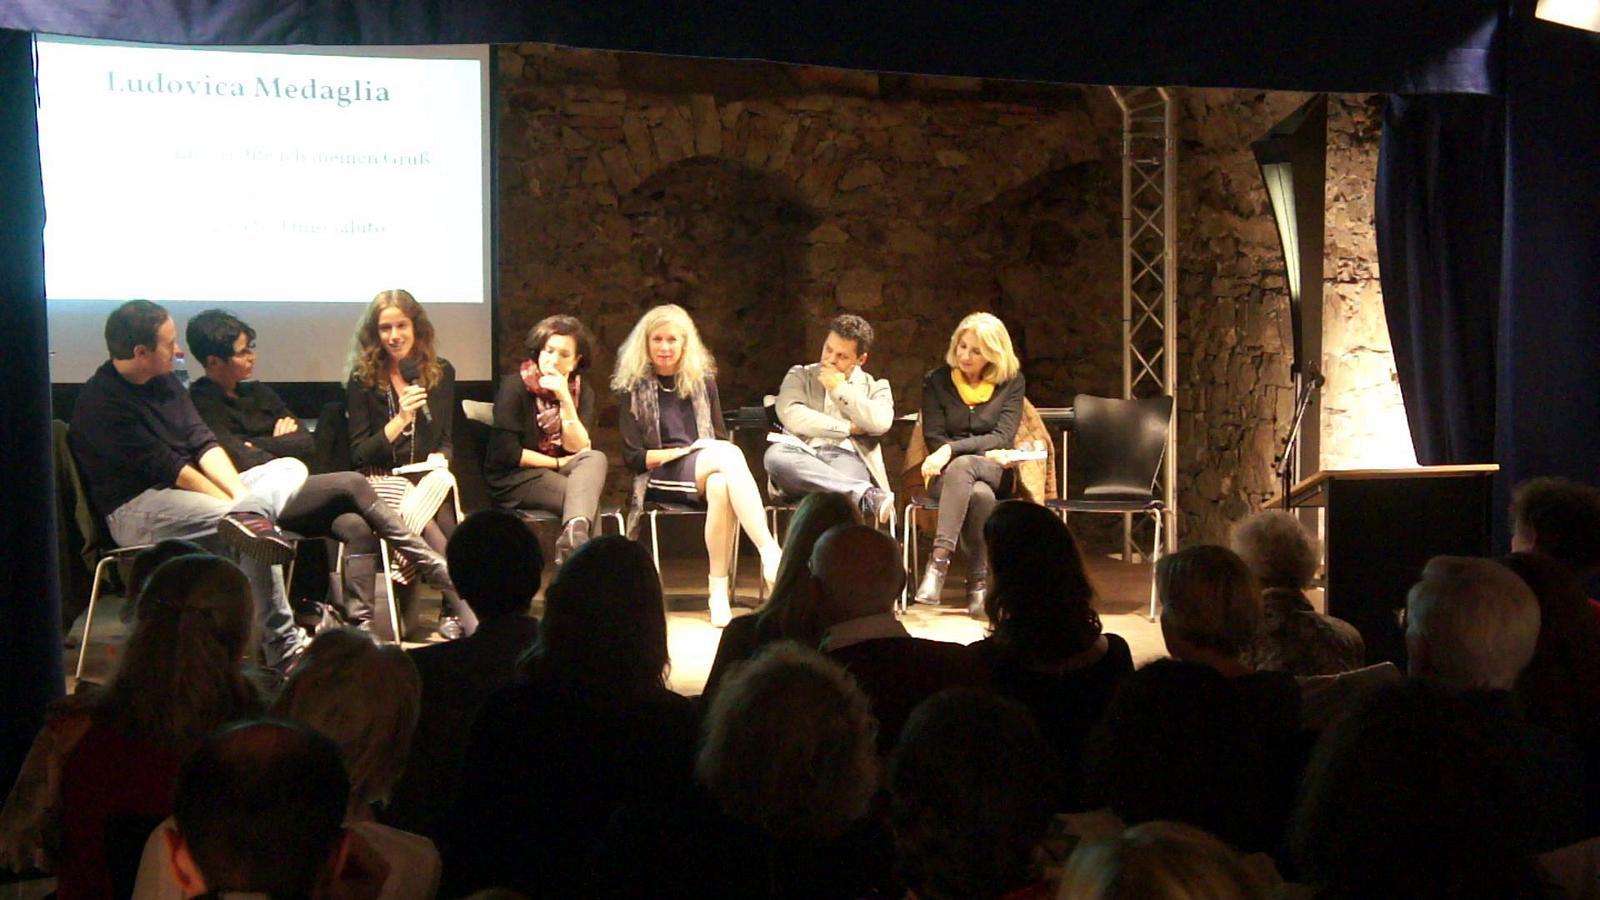 Ludovica Medaglia spricht über das Thema Identität